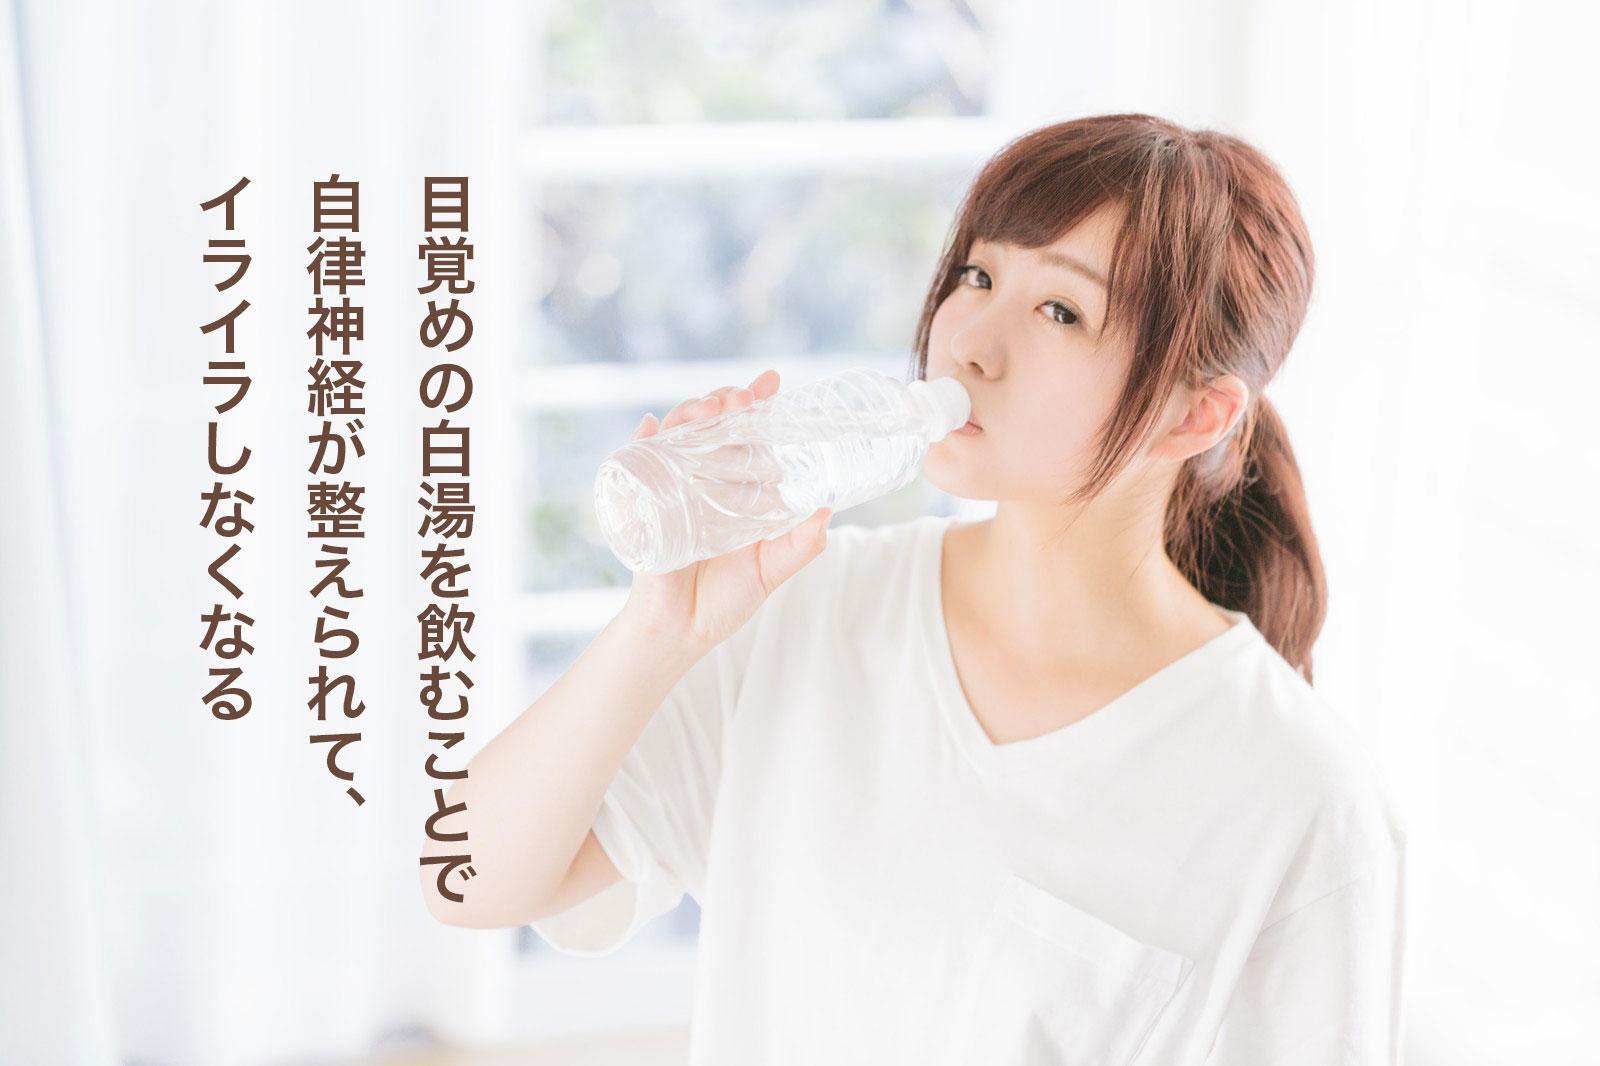 目覚めに白湯を飲むと自律神経が整えられる【低体温の人は必読です】